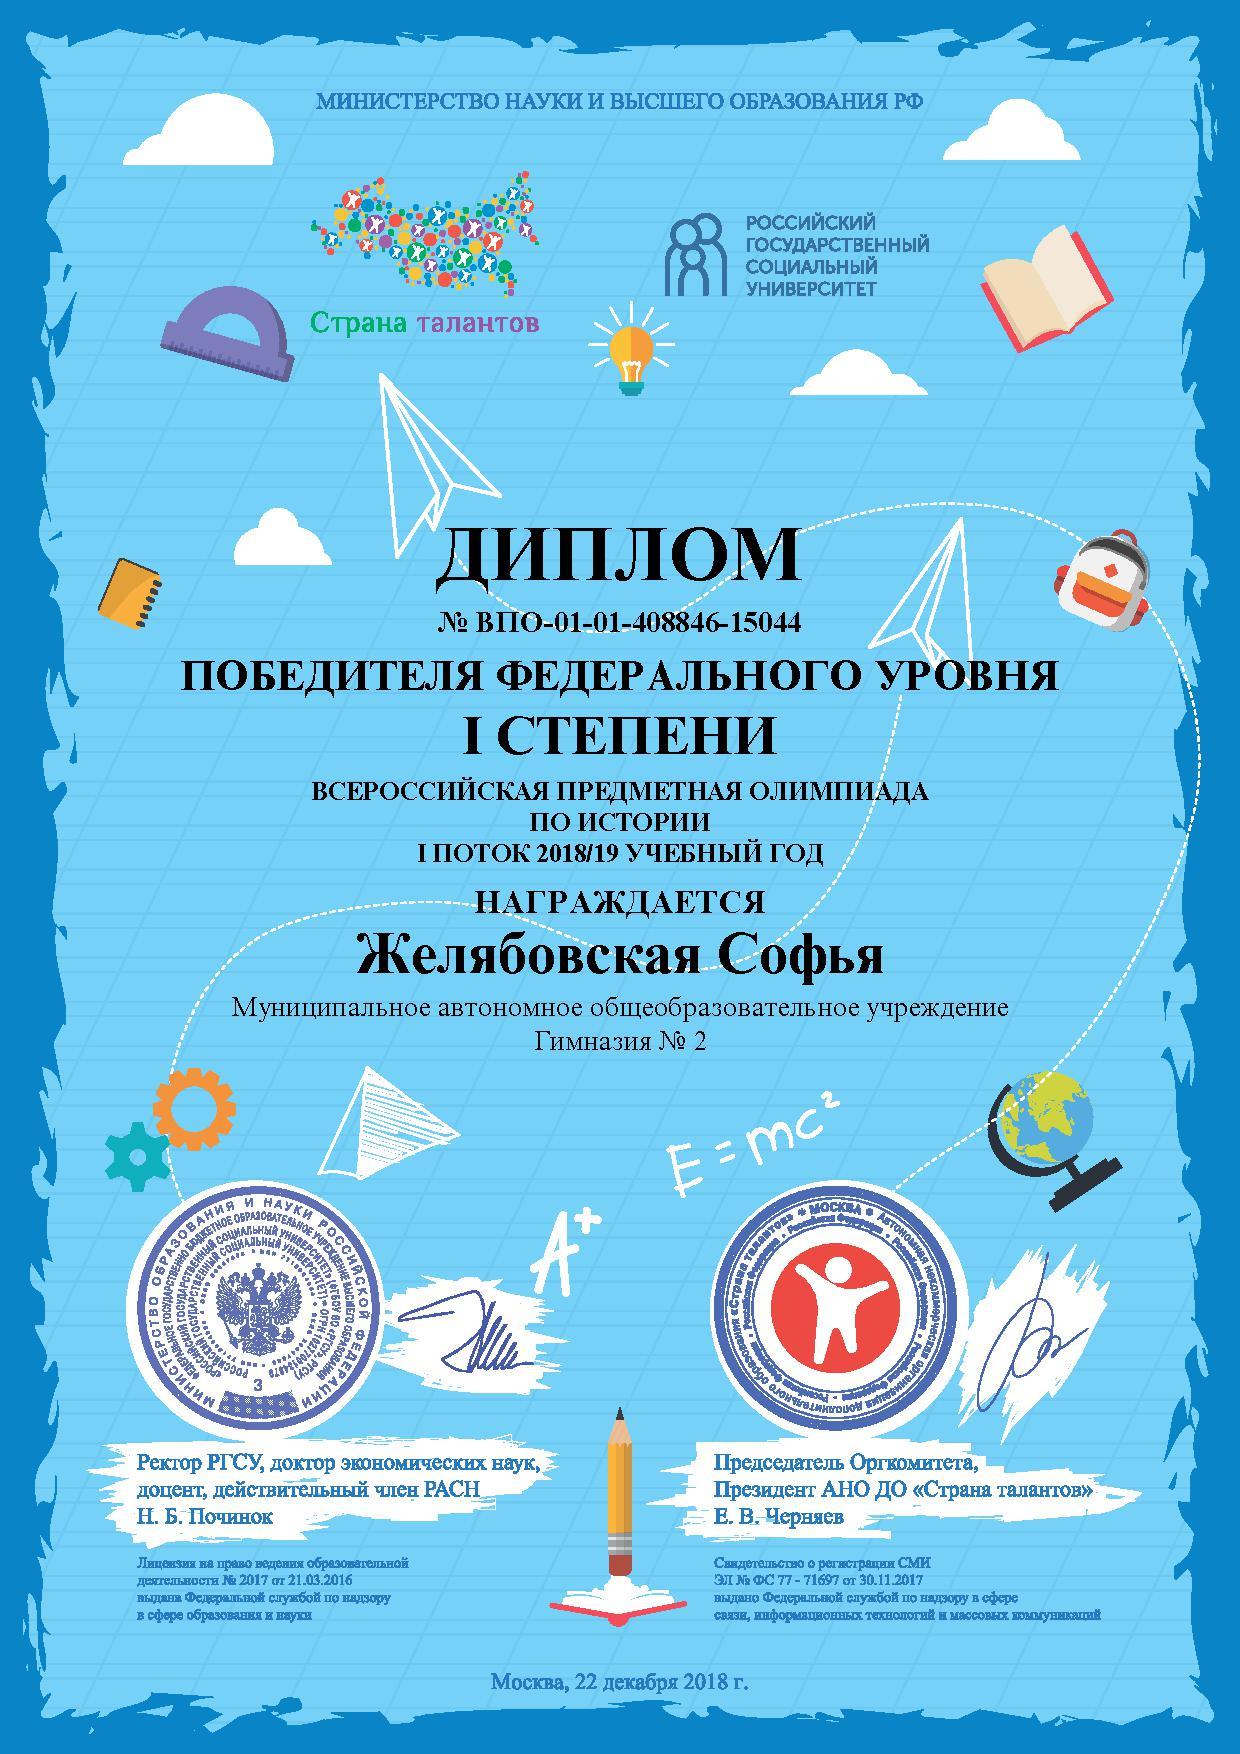 Zhelyabovsky_Sophia